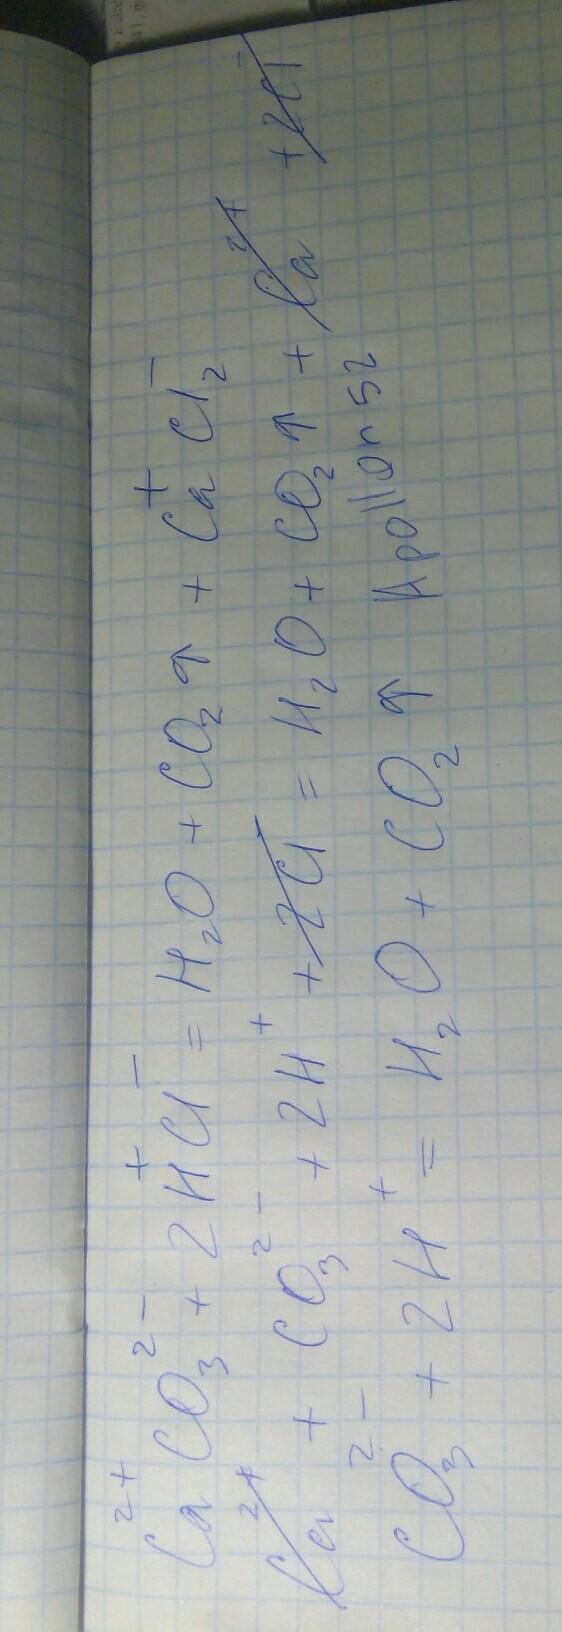 Напишите полное ионное и сокращённое ионное